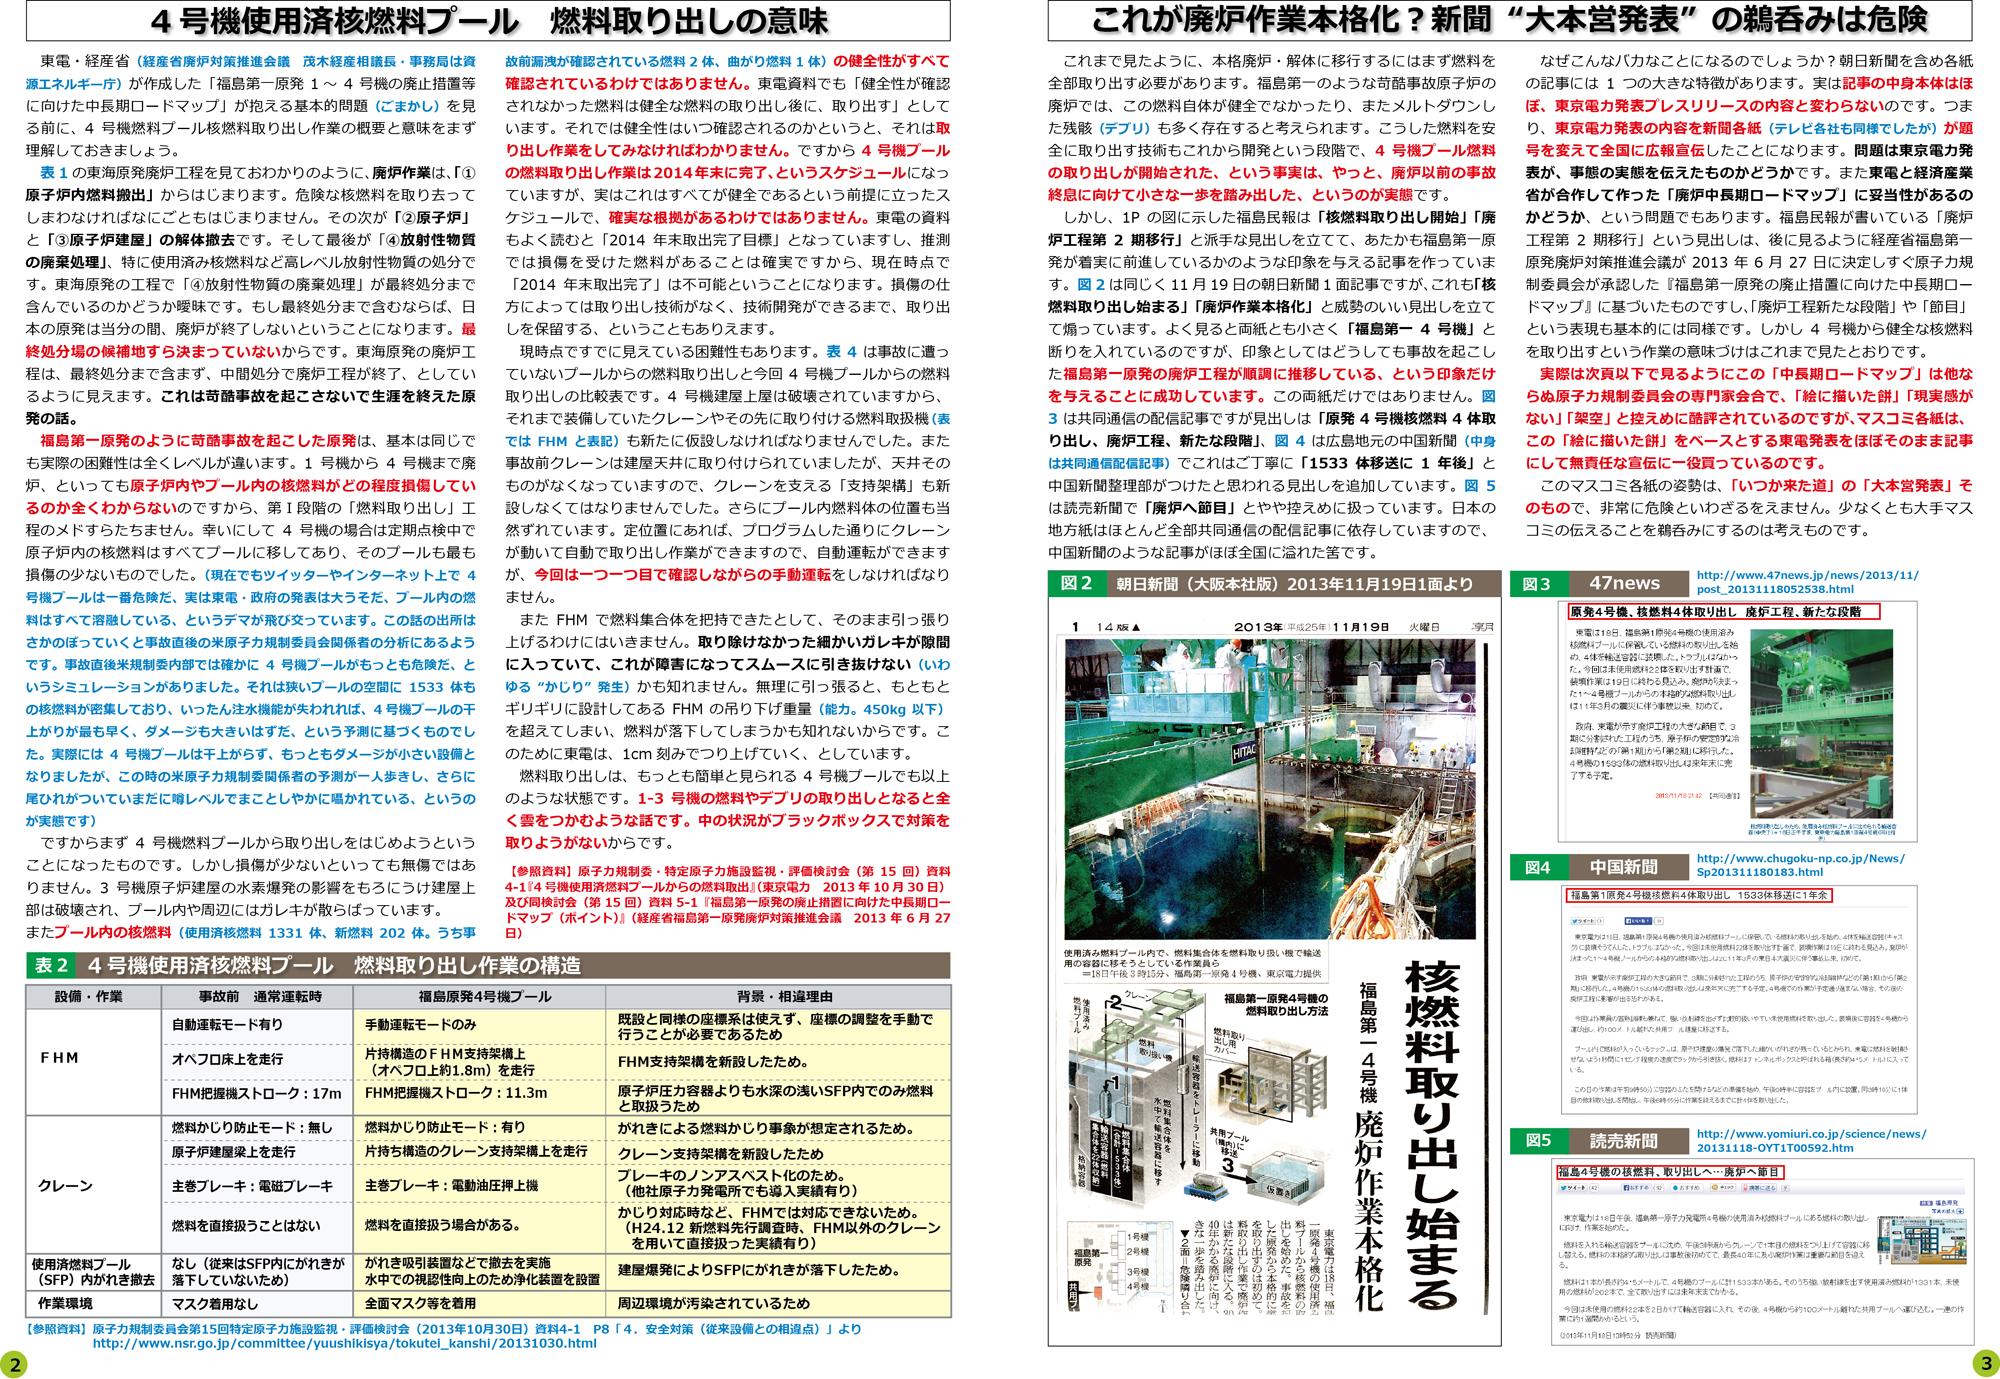 ファイル 233-2.jpg